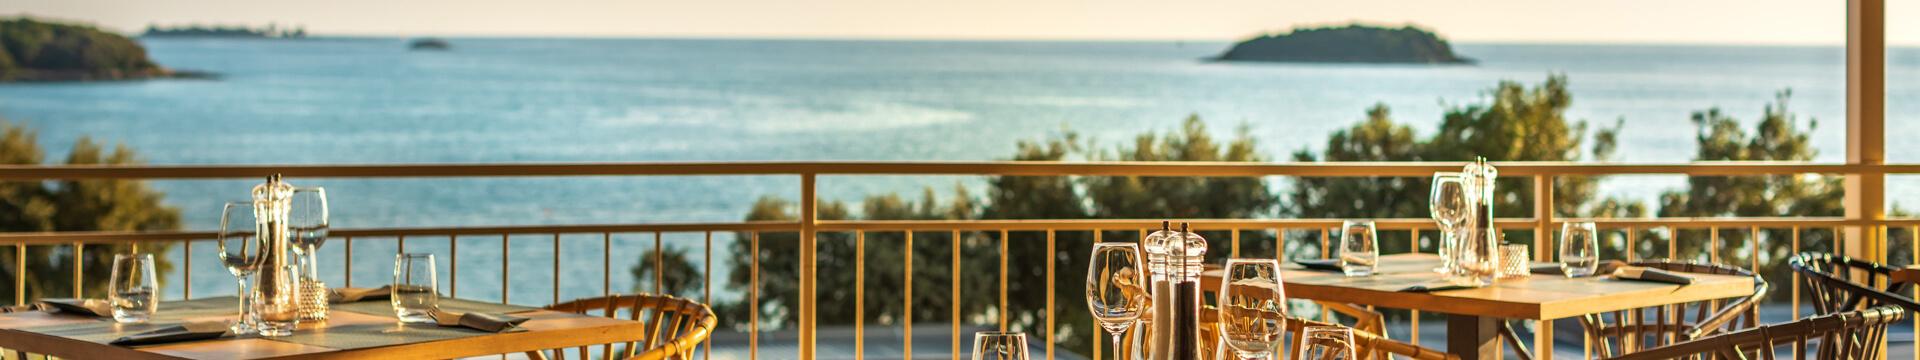 Neue thematische Mobilheime in den bereits vorhandenen Siedlungen, exklusive Villen mit Whirlpool und neue Glampingzelte sind die Neuheiten auf dem Istra Premium Camping Resort im Jahr 2020!